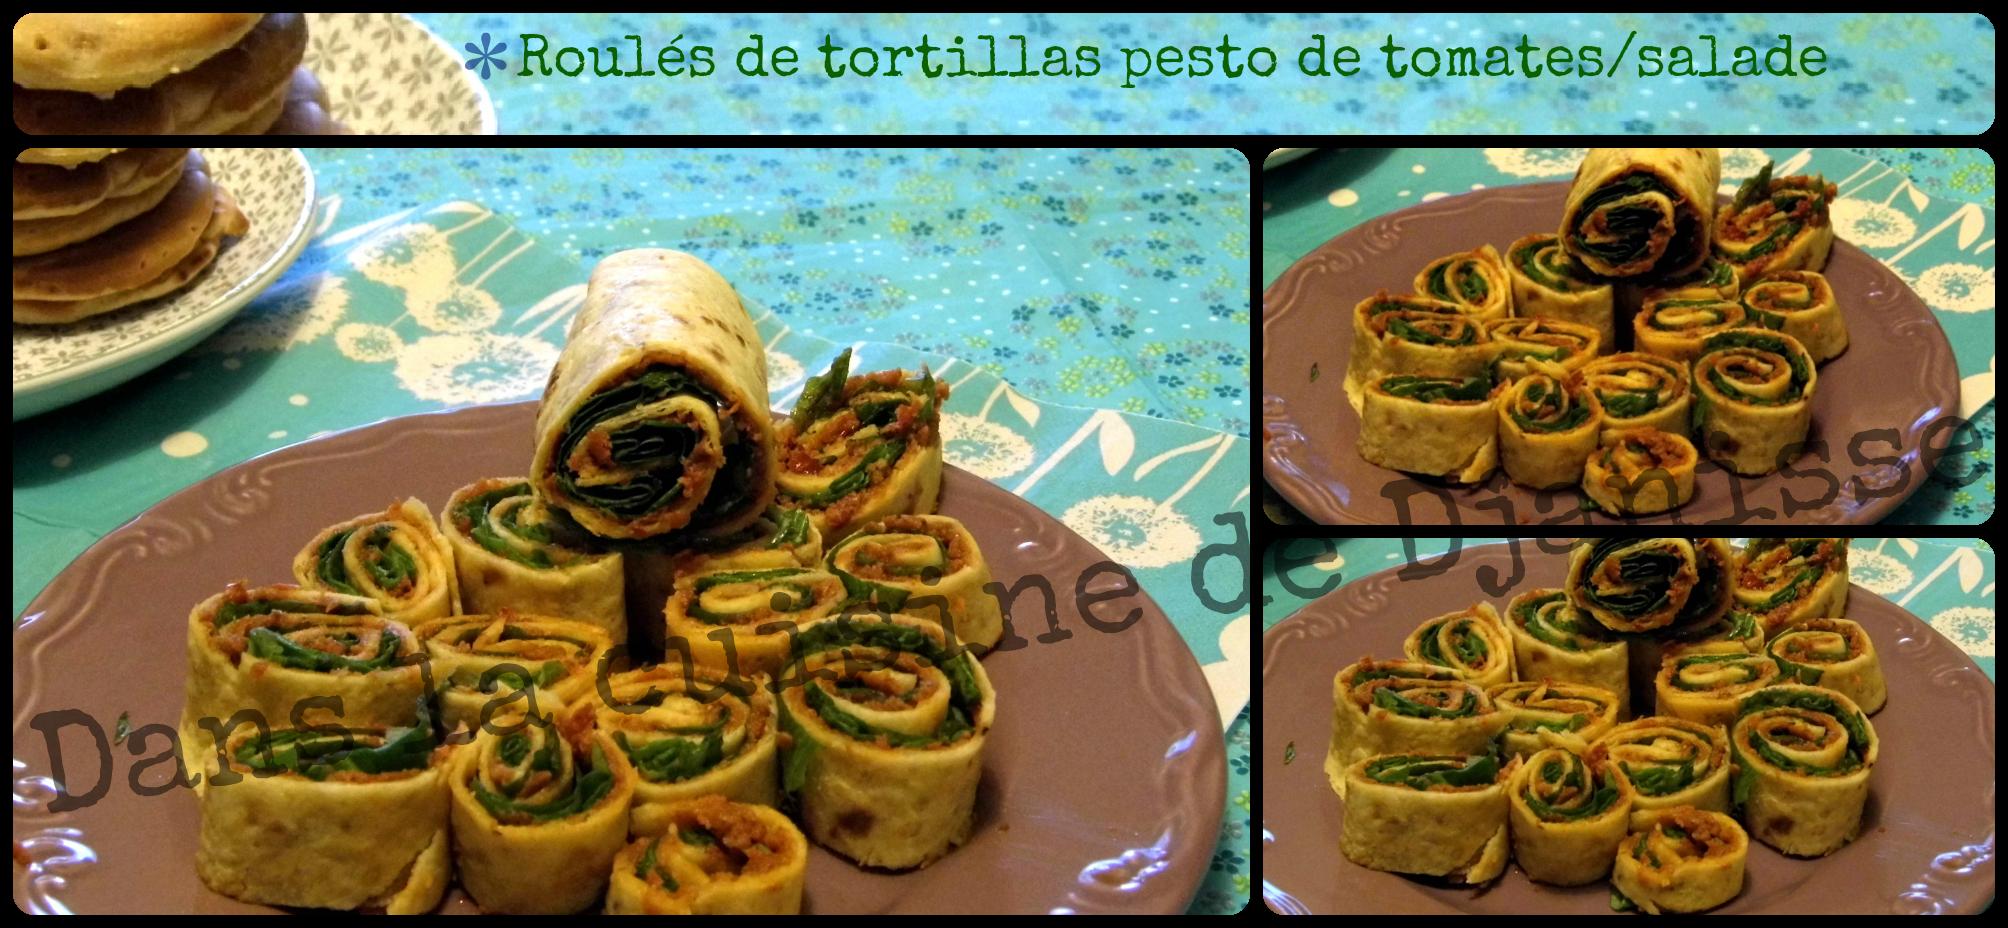 Roulés de tortillas pesto de tomates/salade